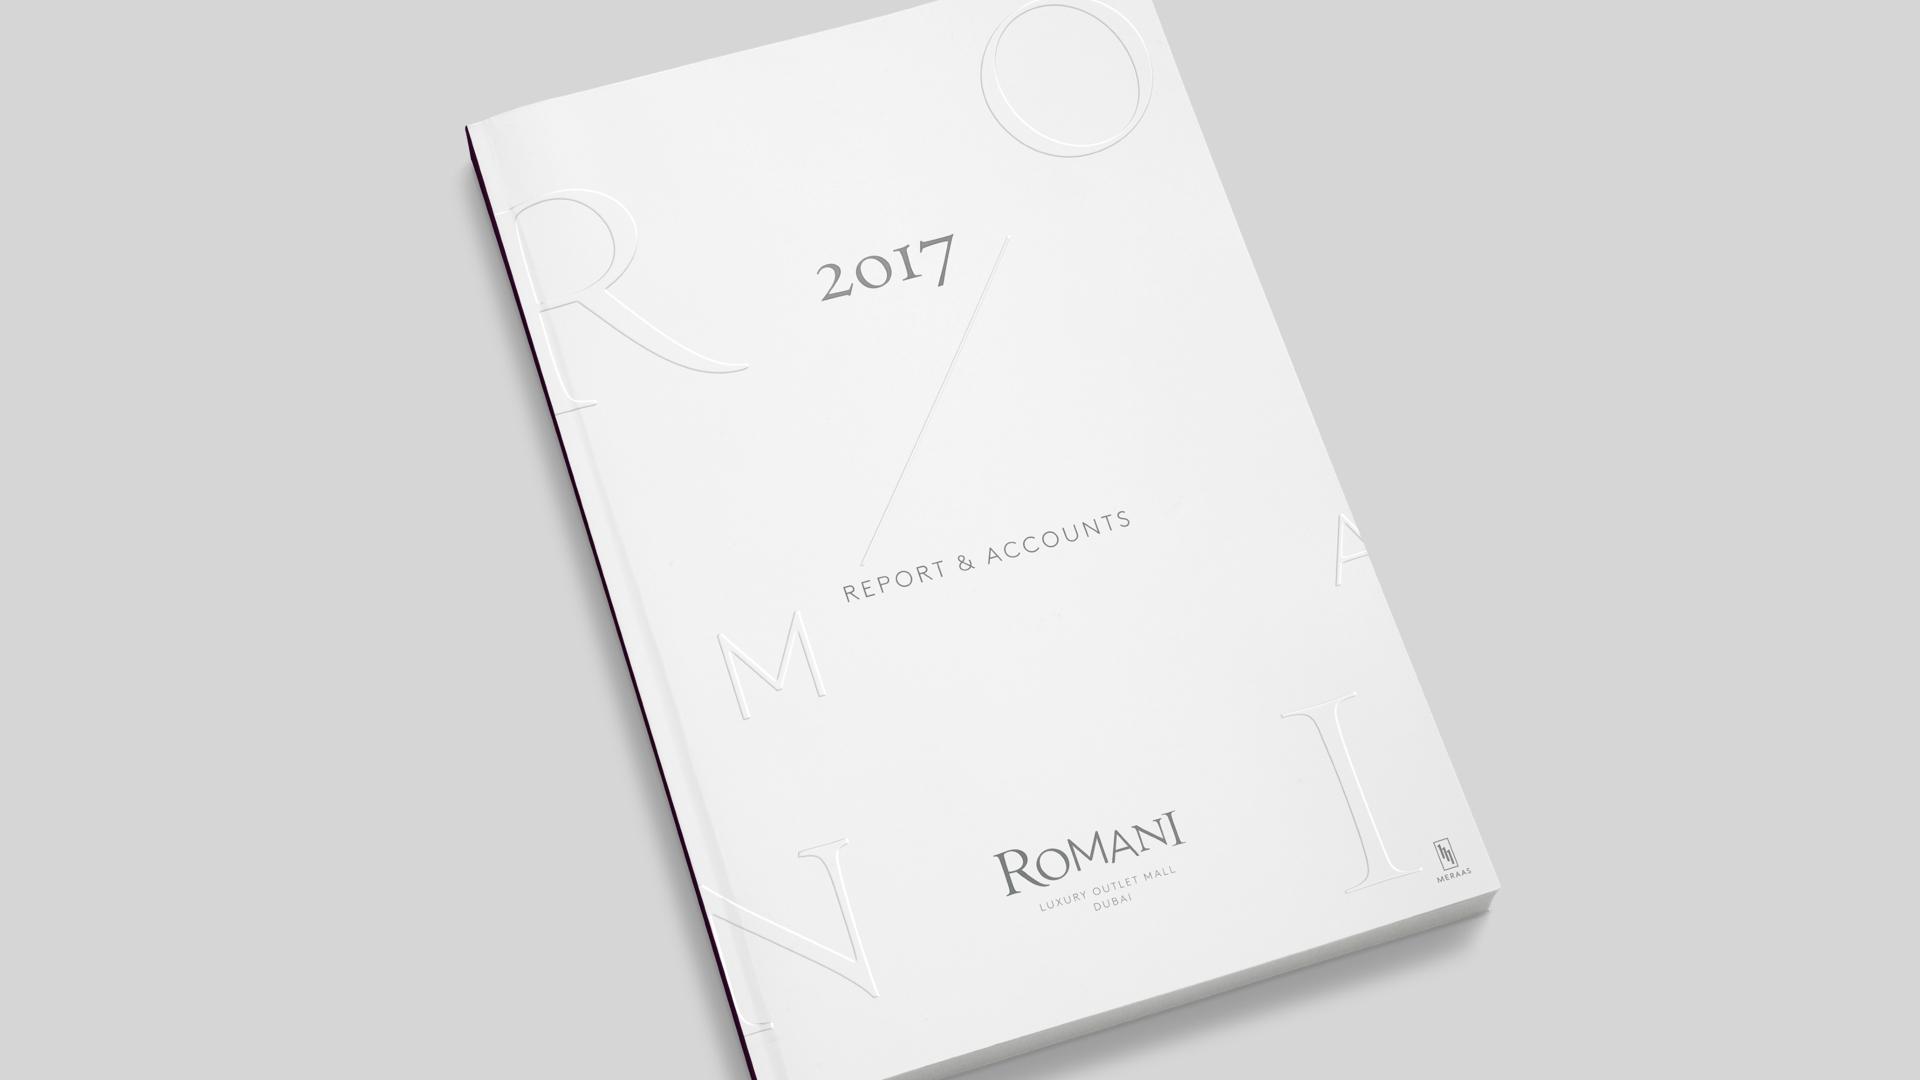 Report design for retail developer by Garrett reil